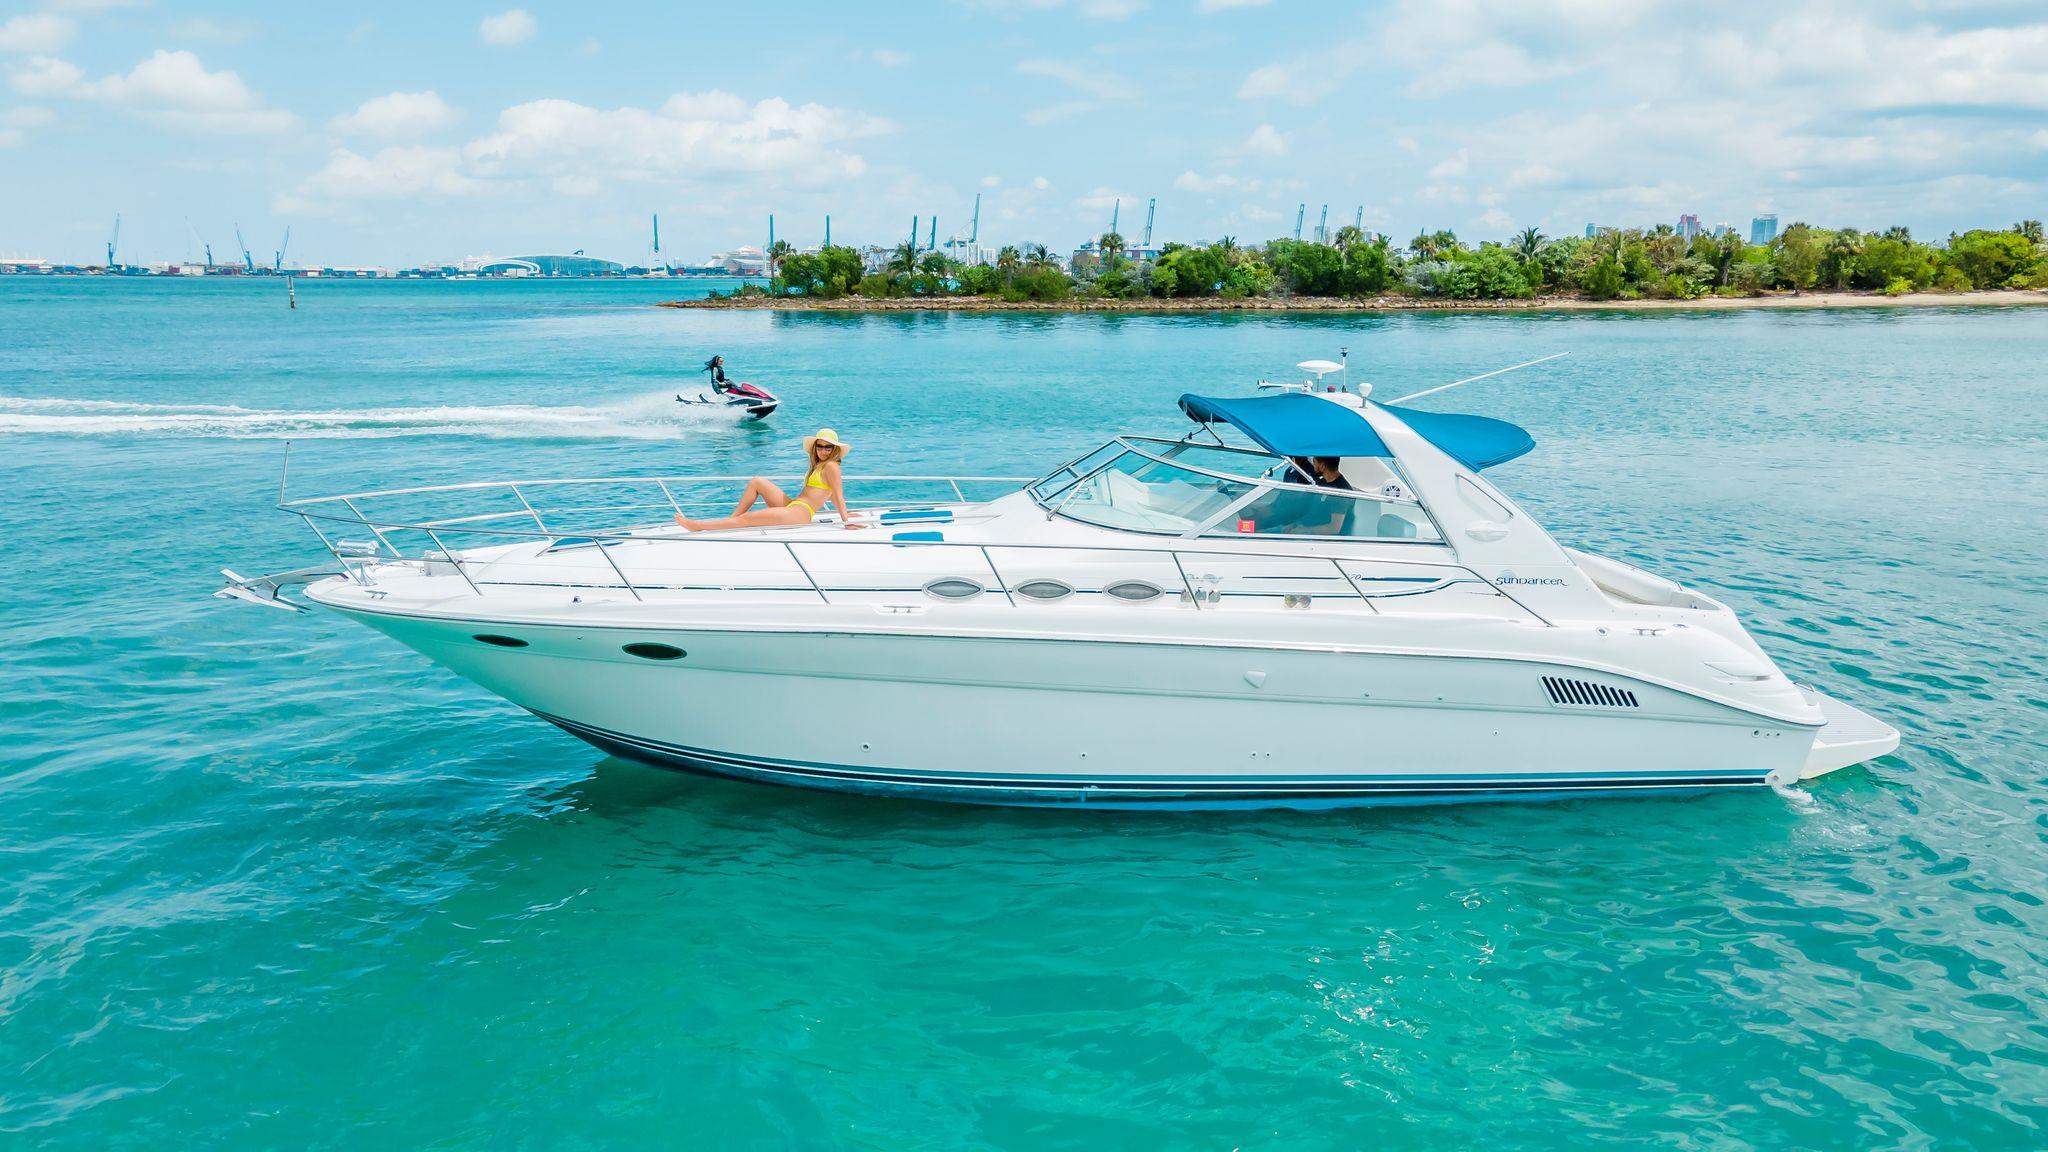 40 SeaRay Miami Luxury Boats